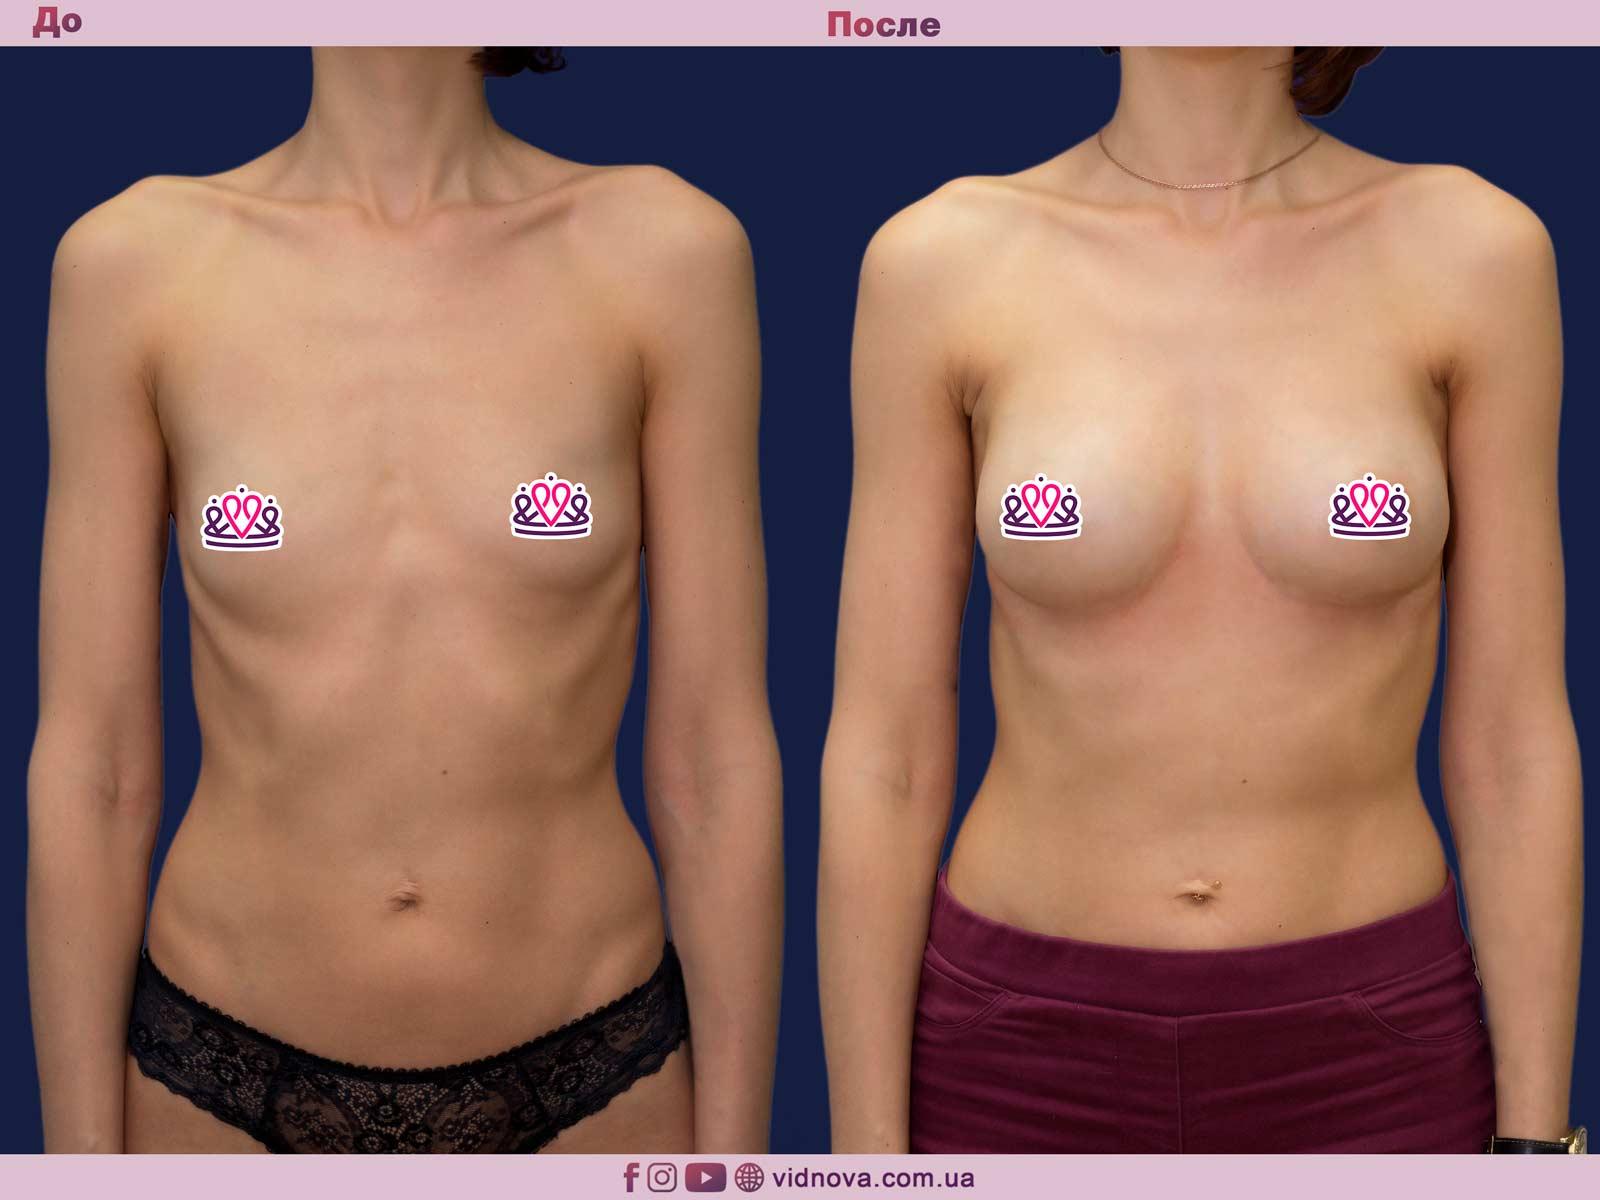 Пластика груди: результаты до и после - Пример №22-0 - Светлана Работенко